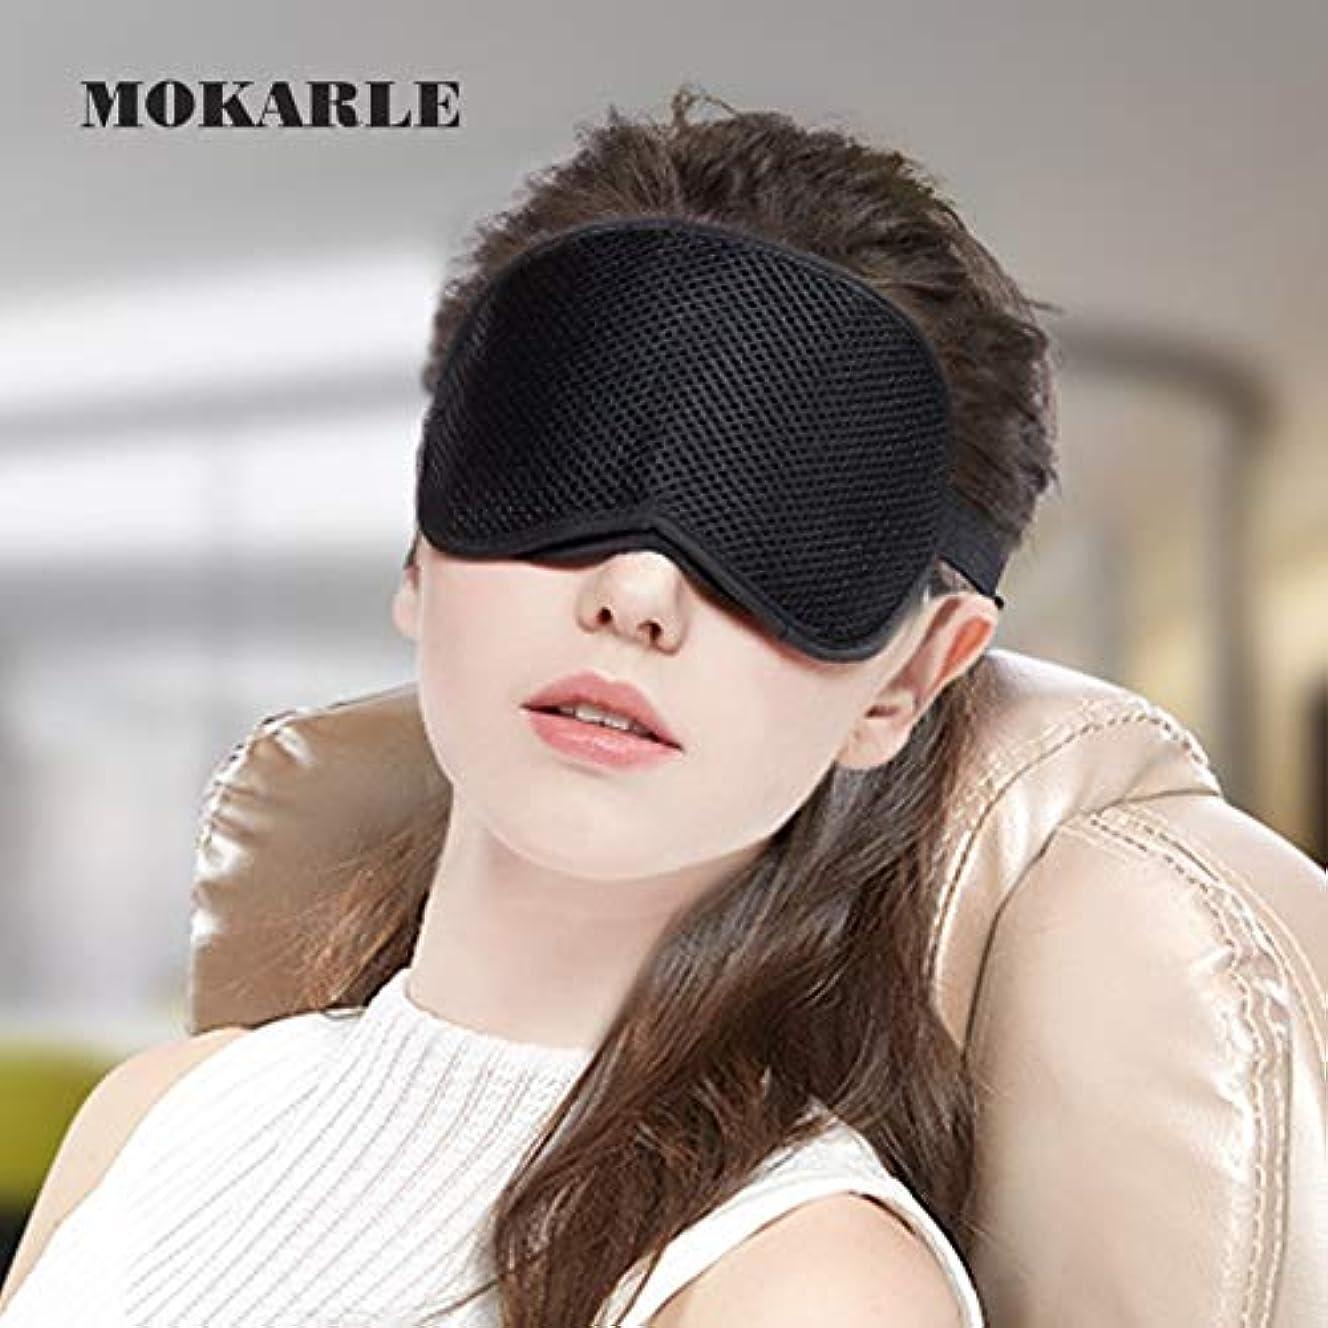 神秘的なサイクル知覚的NOTE 竹炭睡眠マスクメッシュ通気性ソフト快適な包帯用目の睡眠調節可能な包帯旅行残りの援助